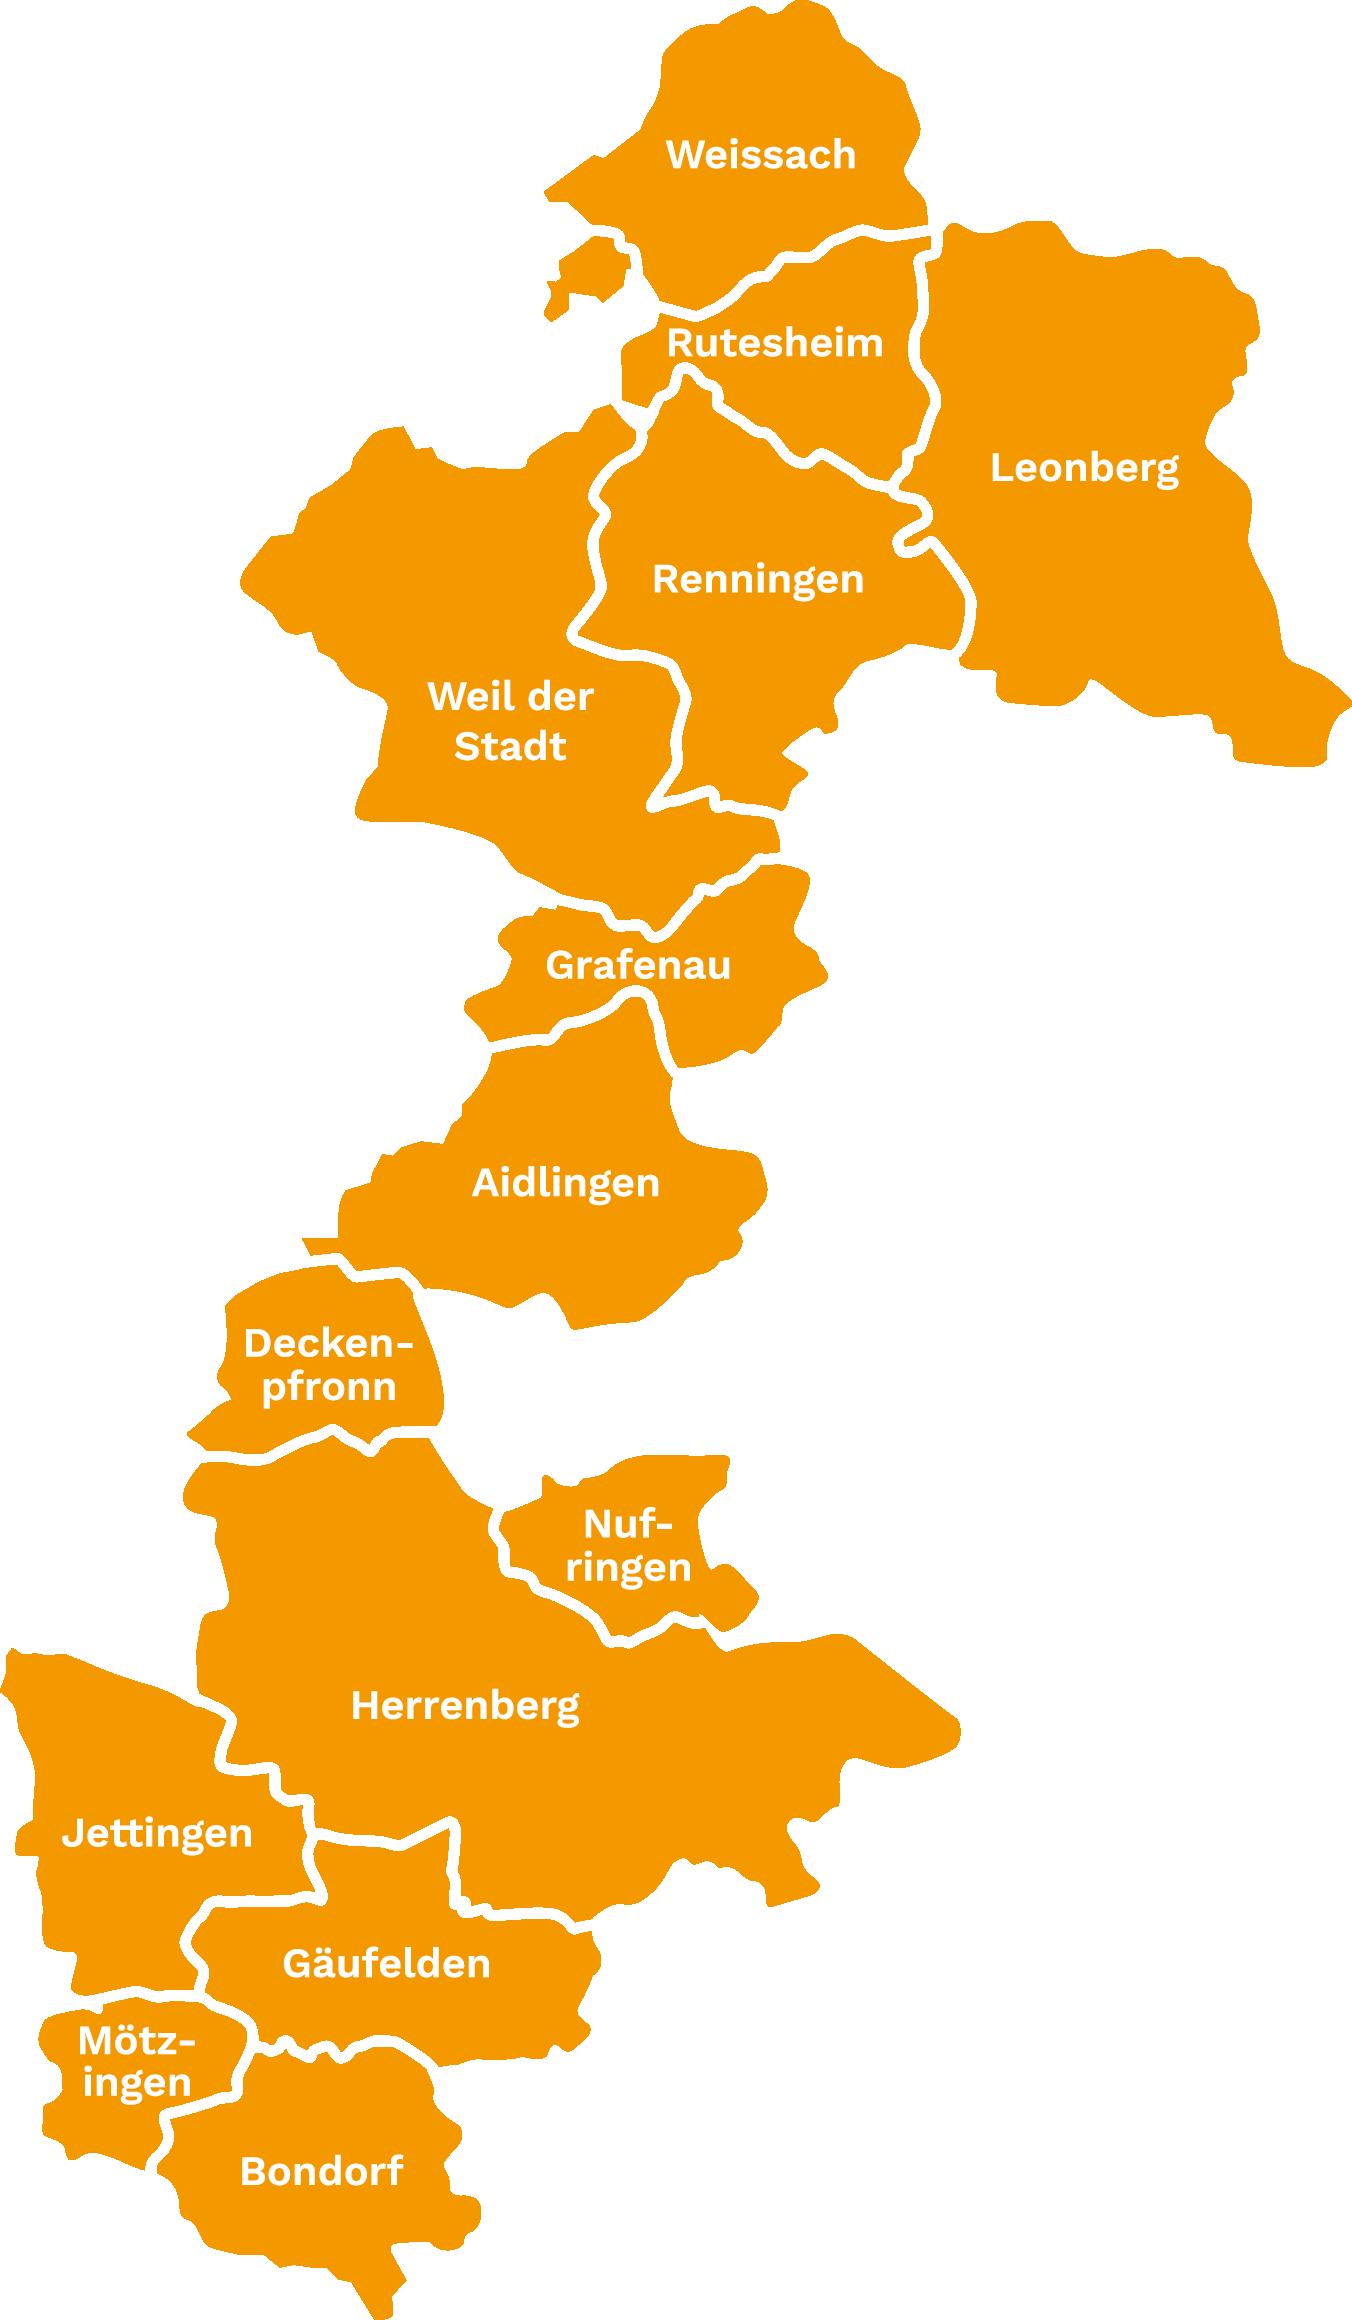 Wahlkreis Sabine Kurtz